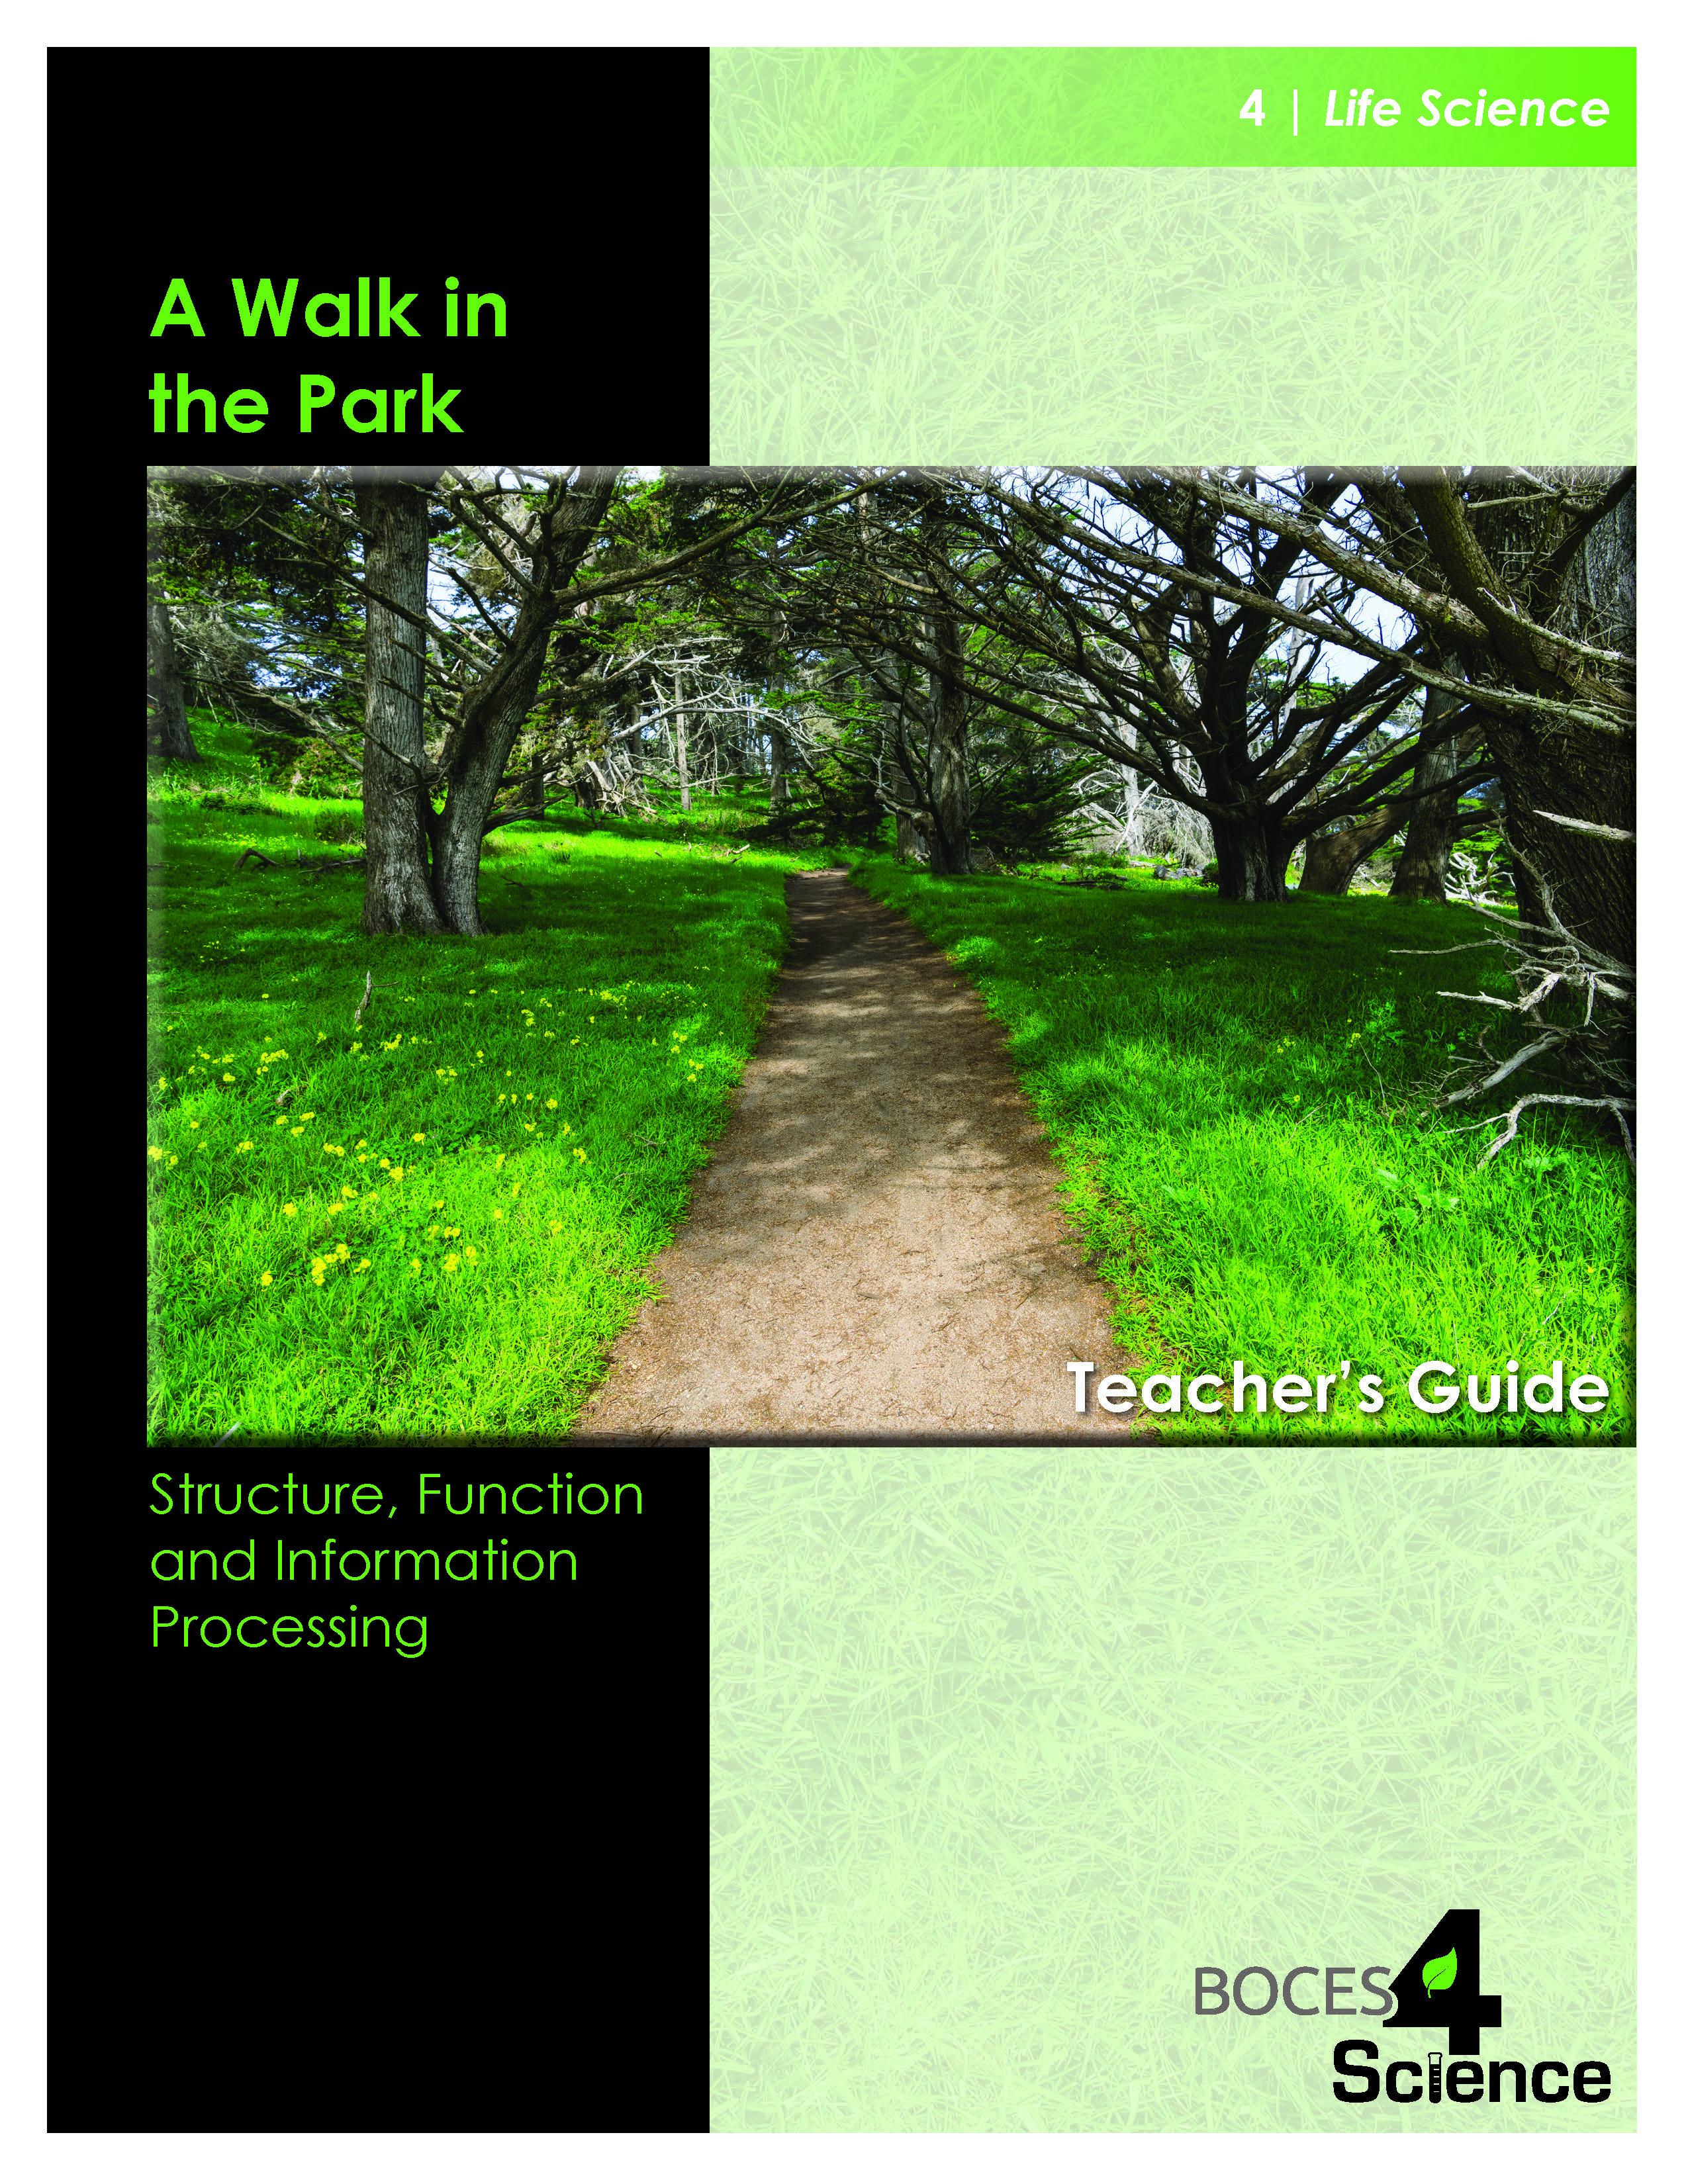 Walk in Park Kit